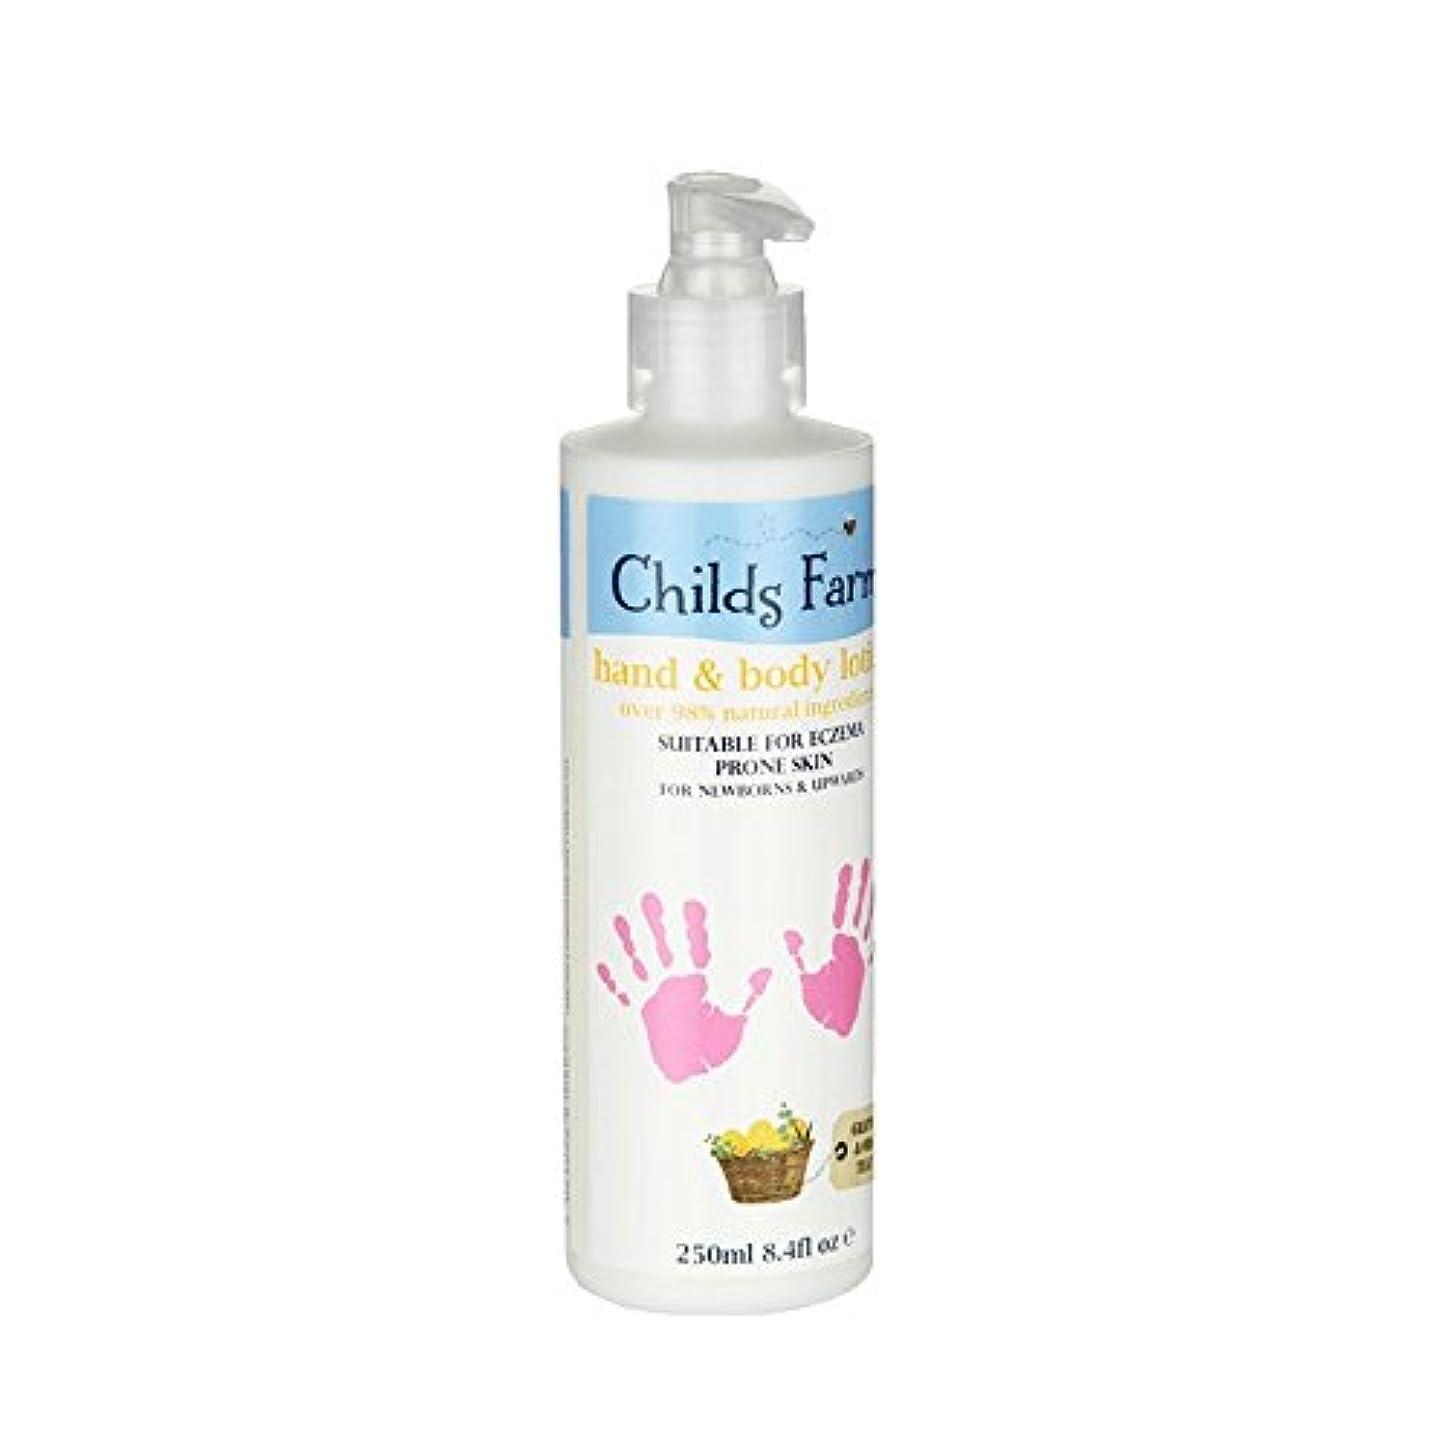 中に市民意見Childs Farm Hand & Body Lotion for Silky Skin 250ml (Pack of 6) - 絹のような肌の250ミリリットルのためのチャイルズファームハンド&ボディローション (x6...